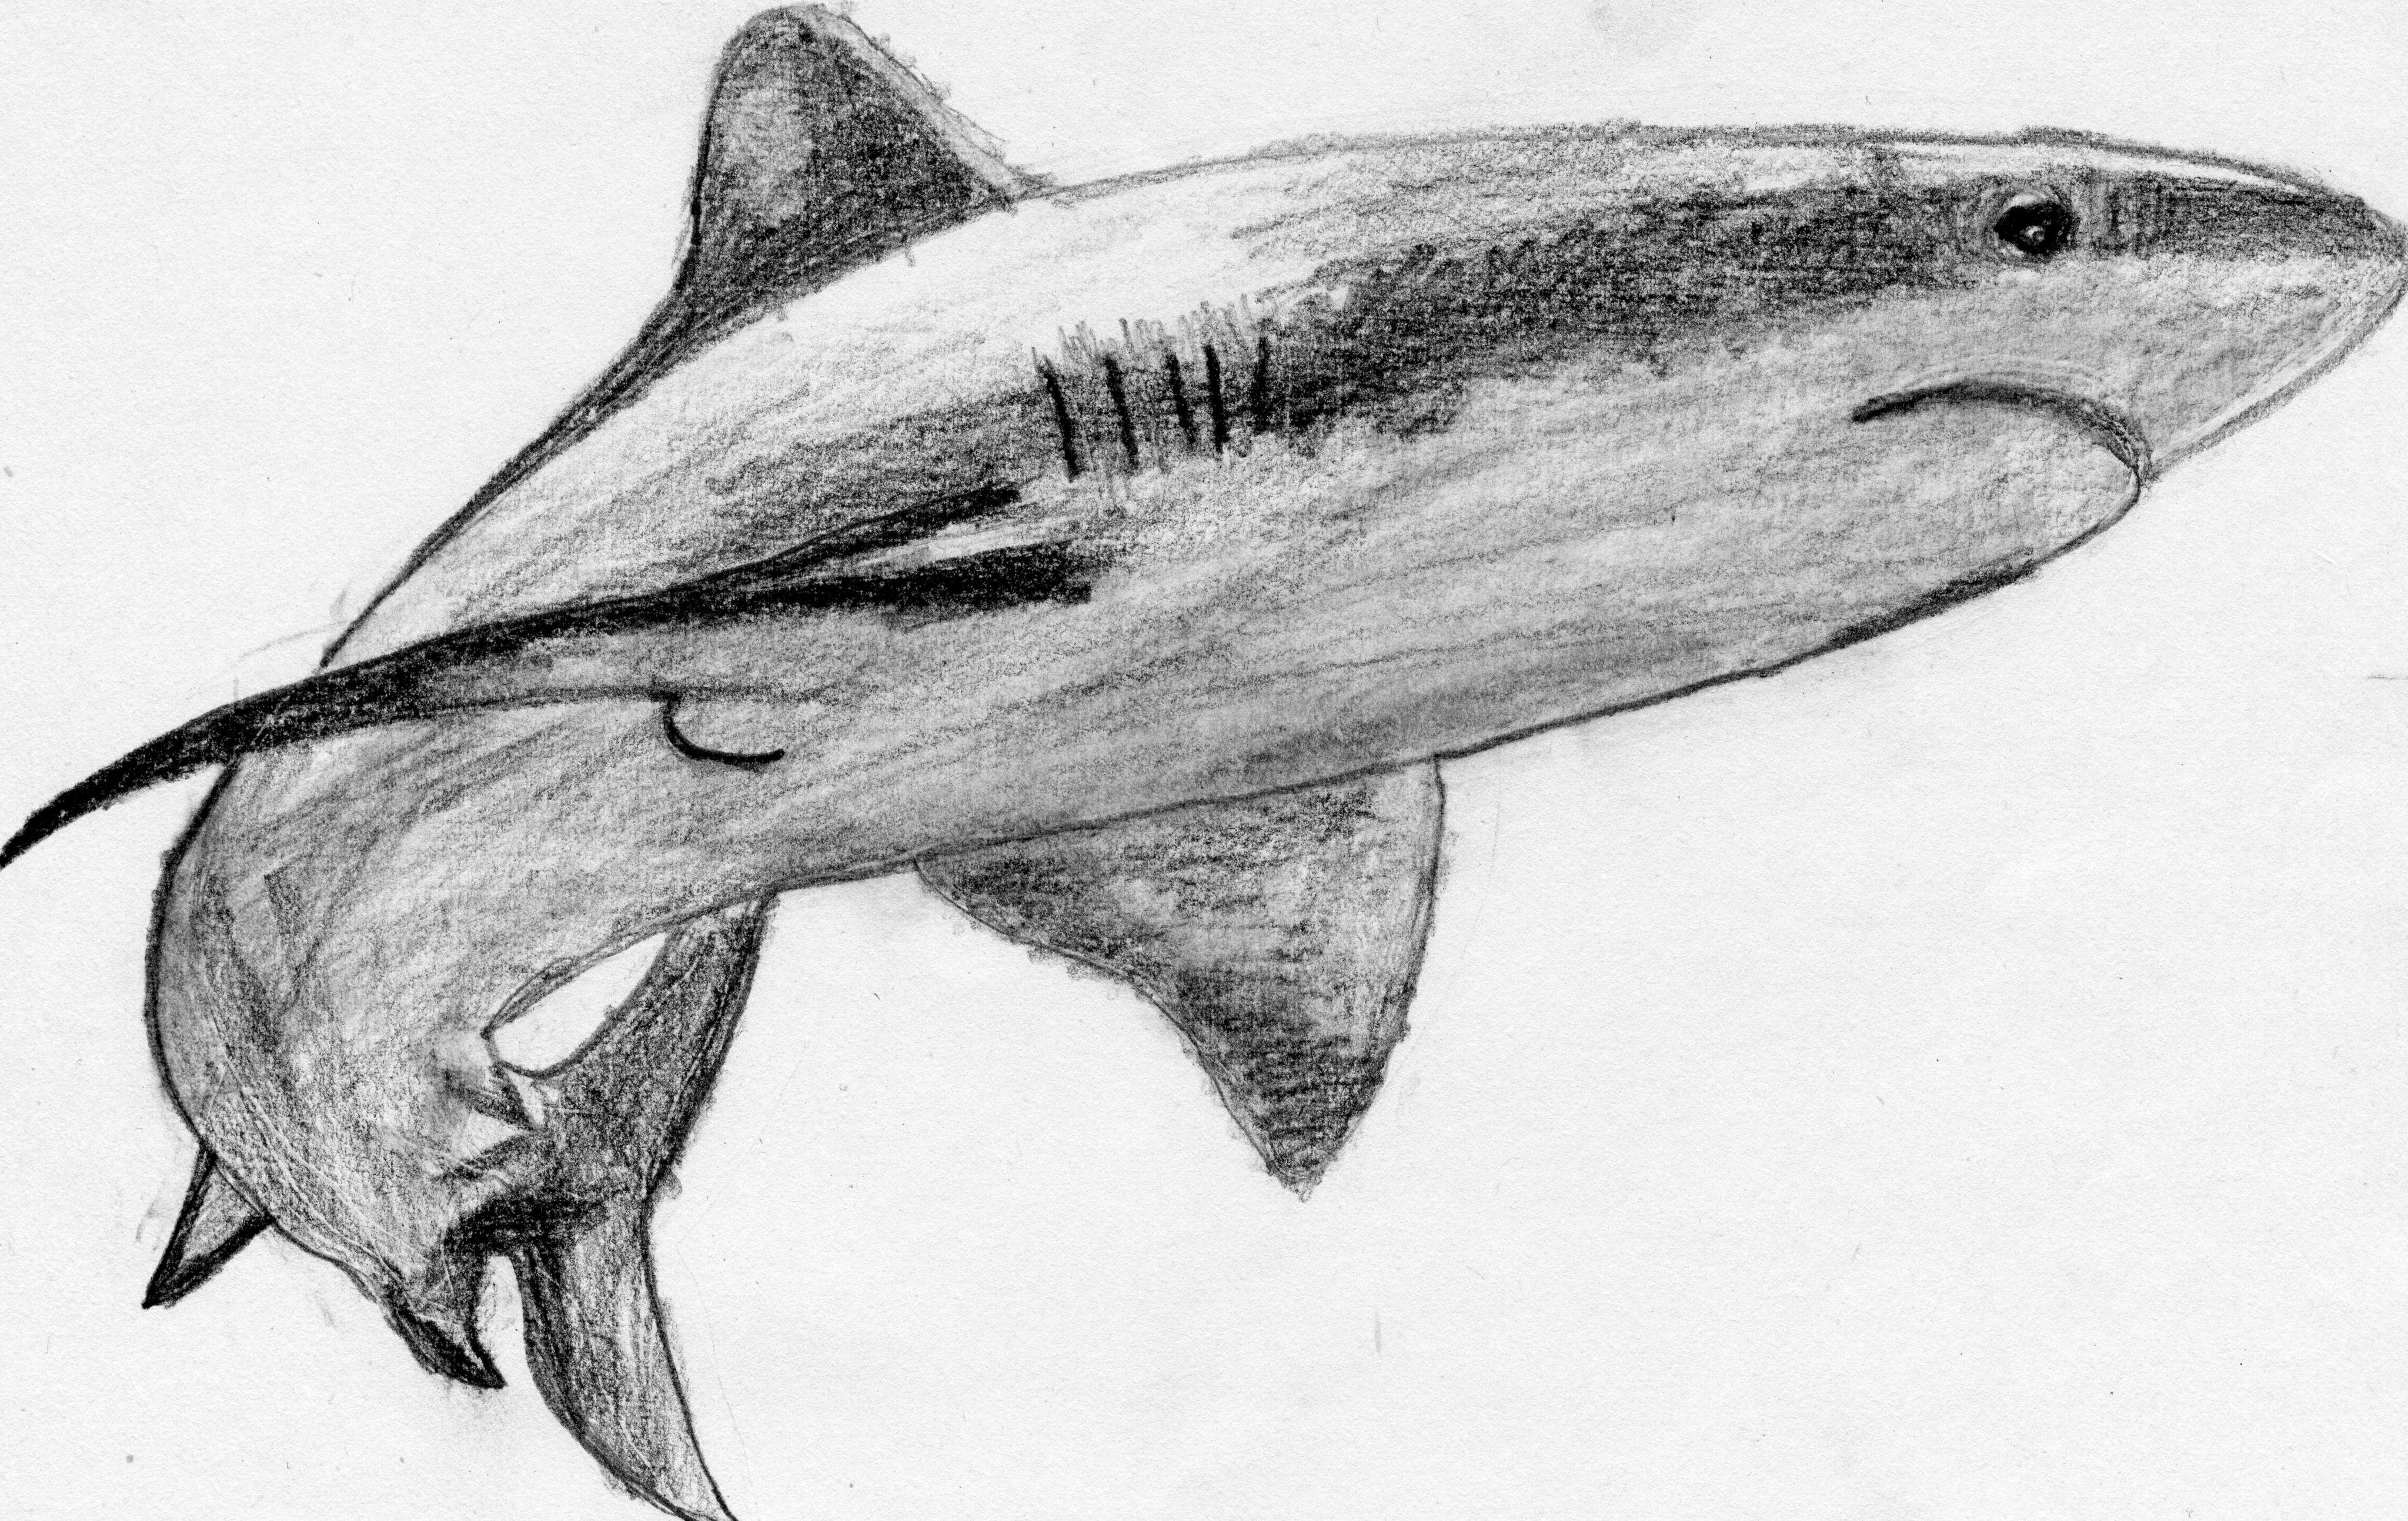 鲨鱼-素描图集